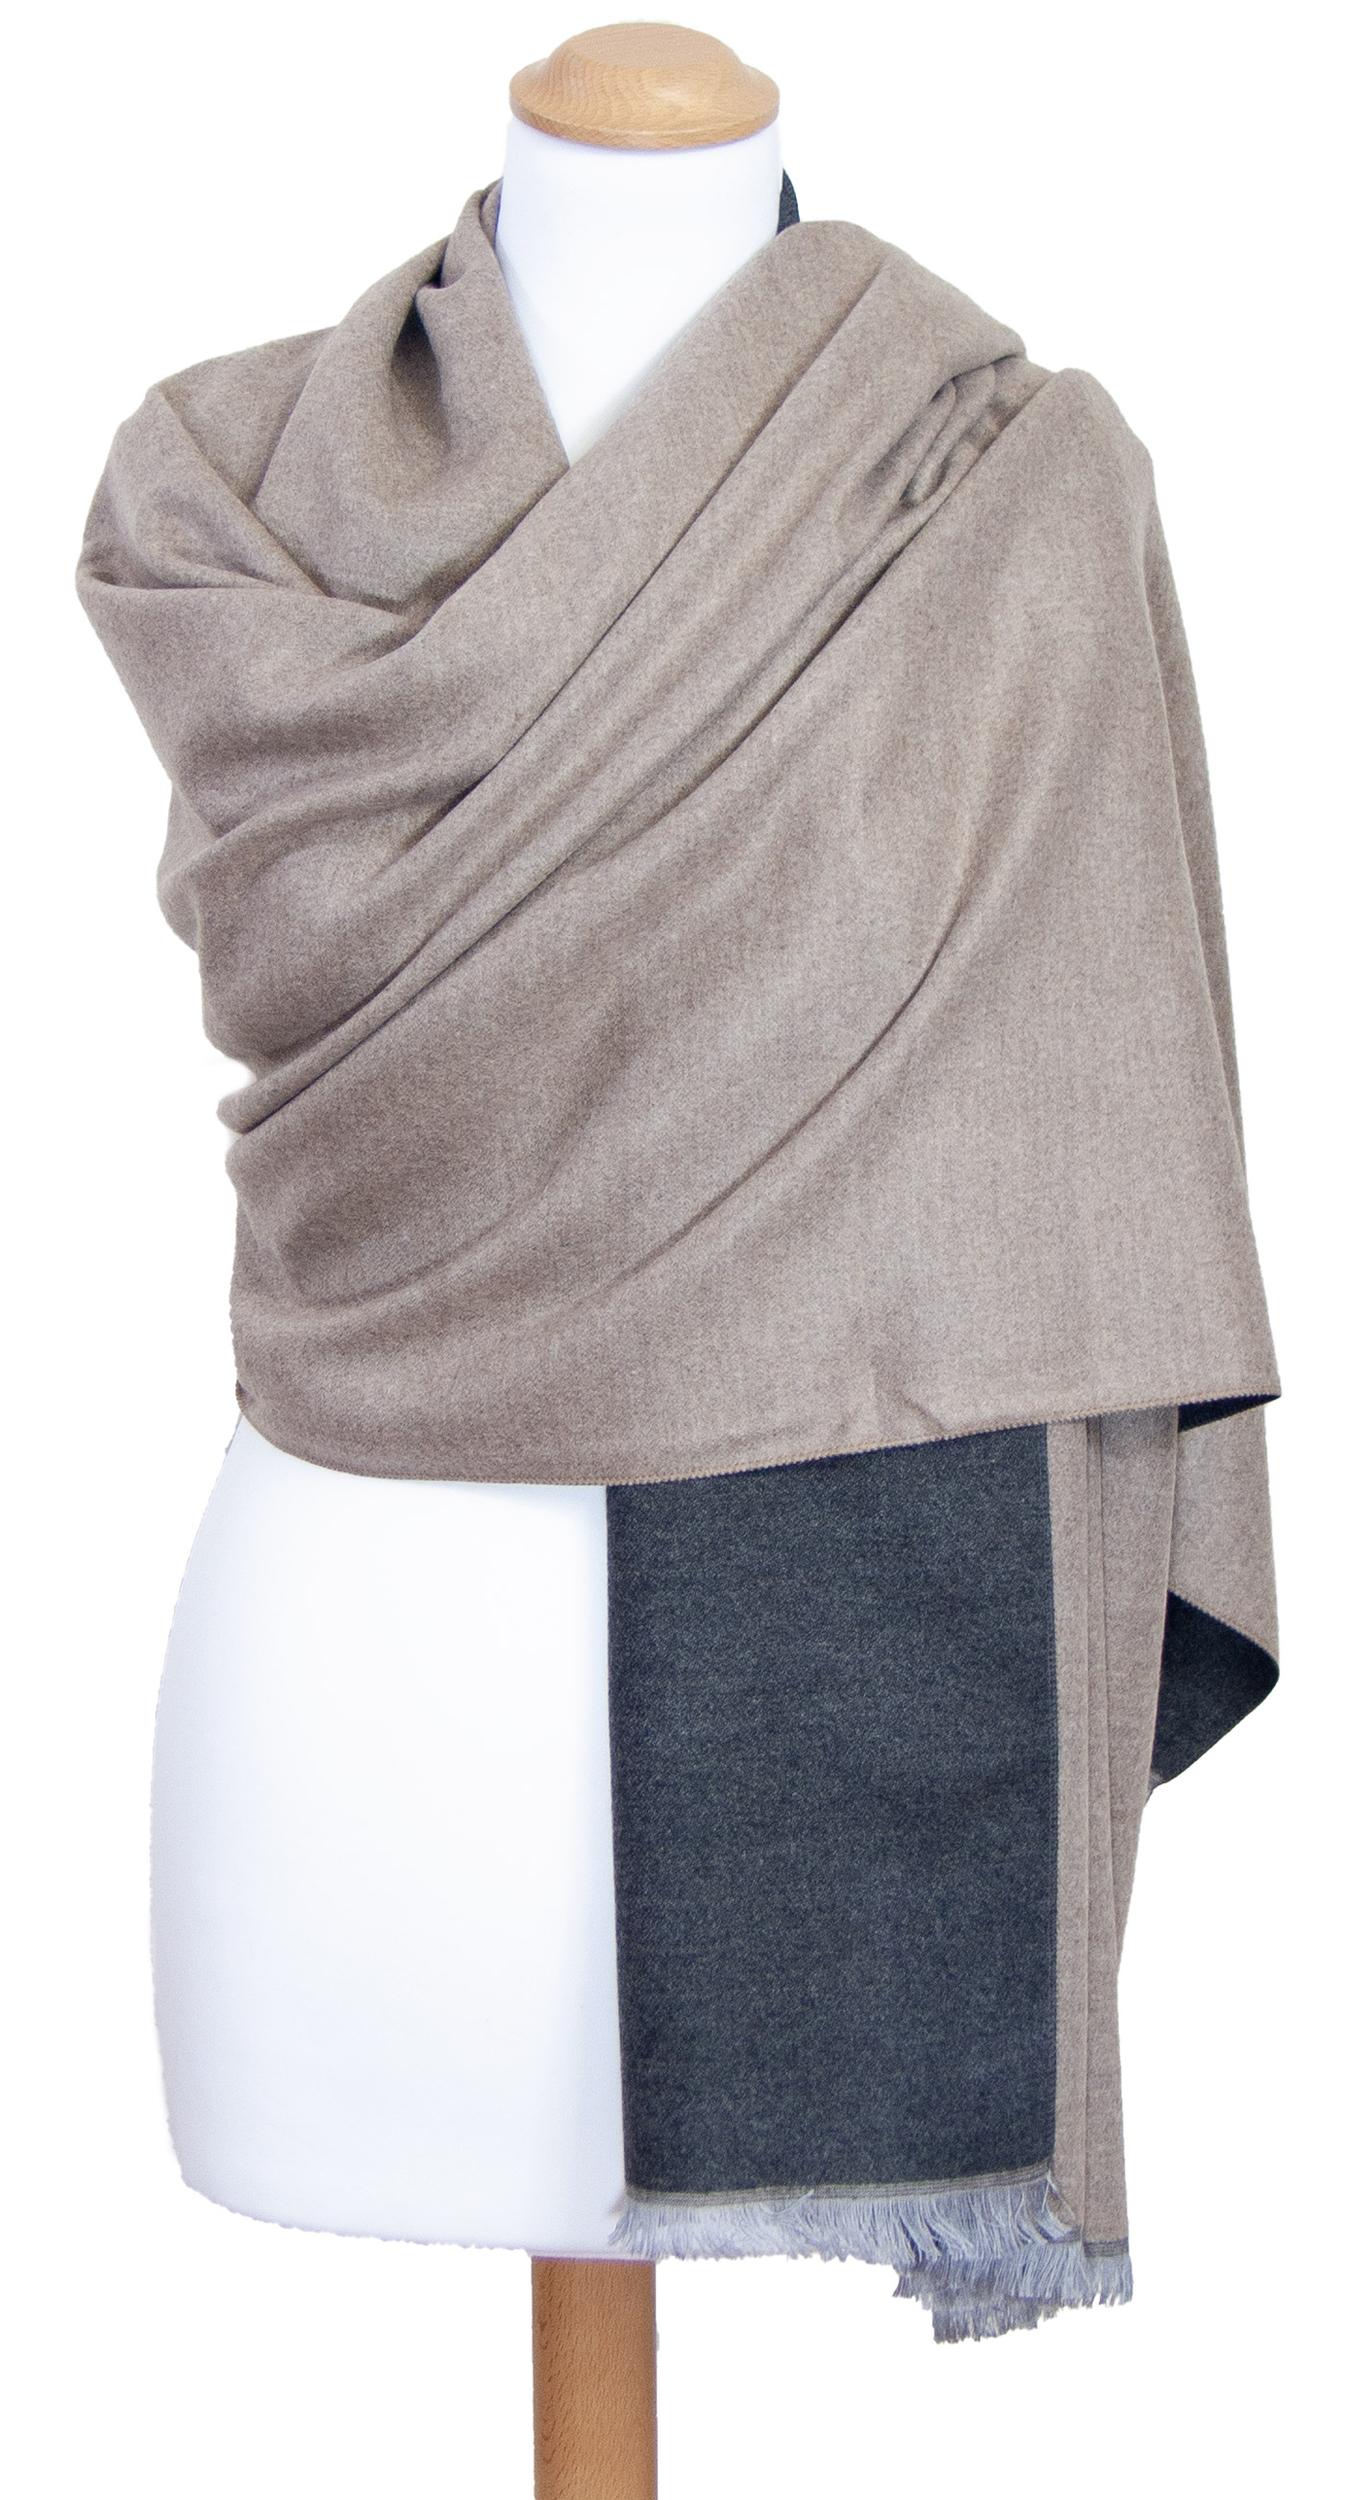 Châle gris beige réversible